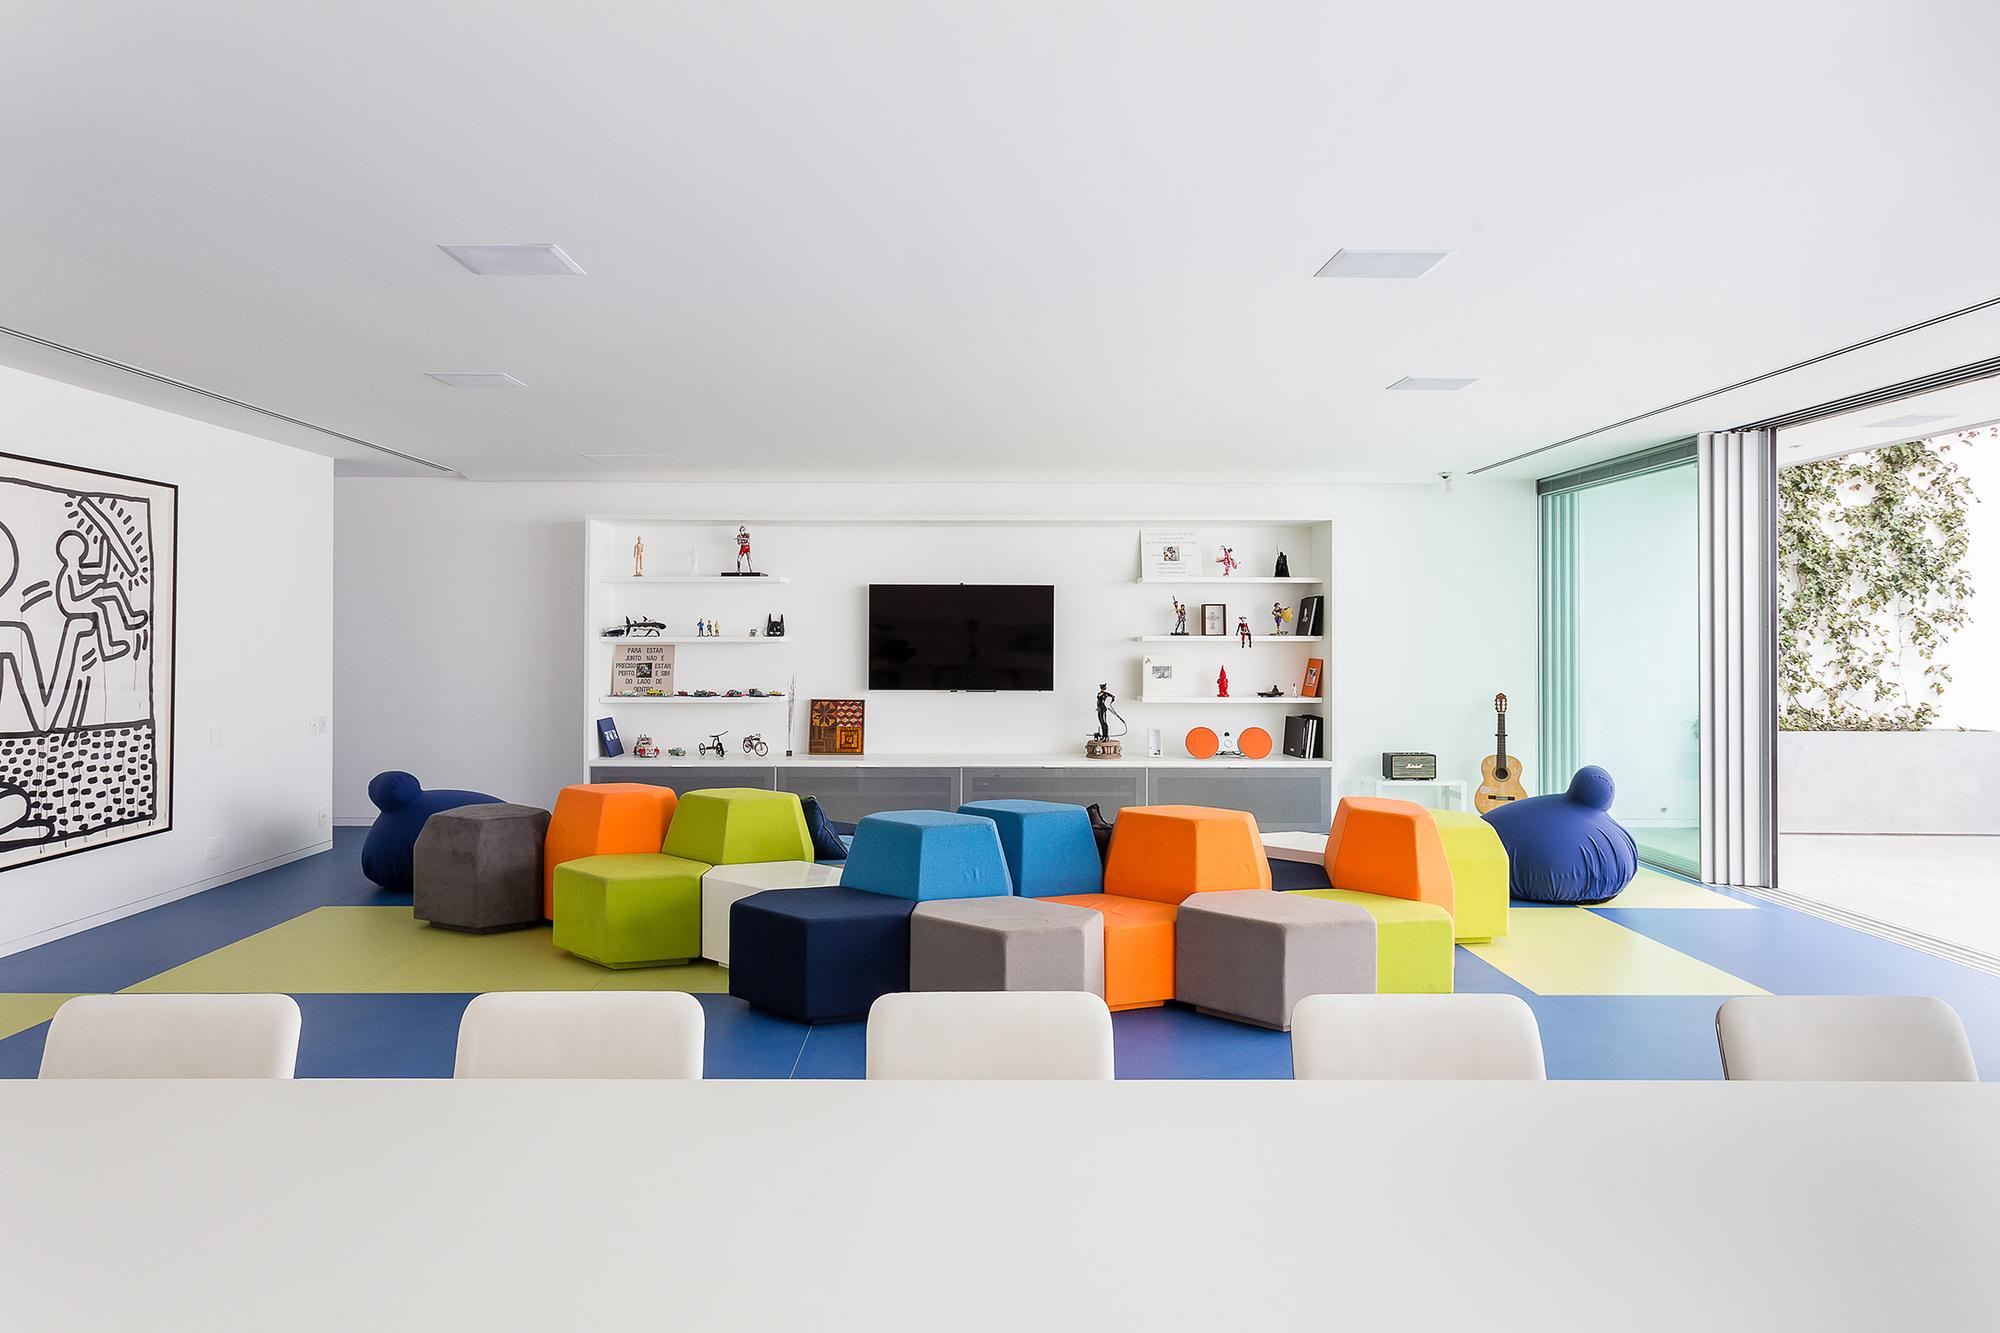 Galeria de brinquedoteca pascali semerdjian arquitetos 4 - Maison brooklin sao paulo galeria arquitetos ...